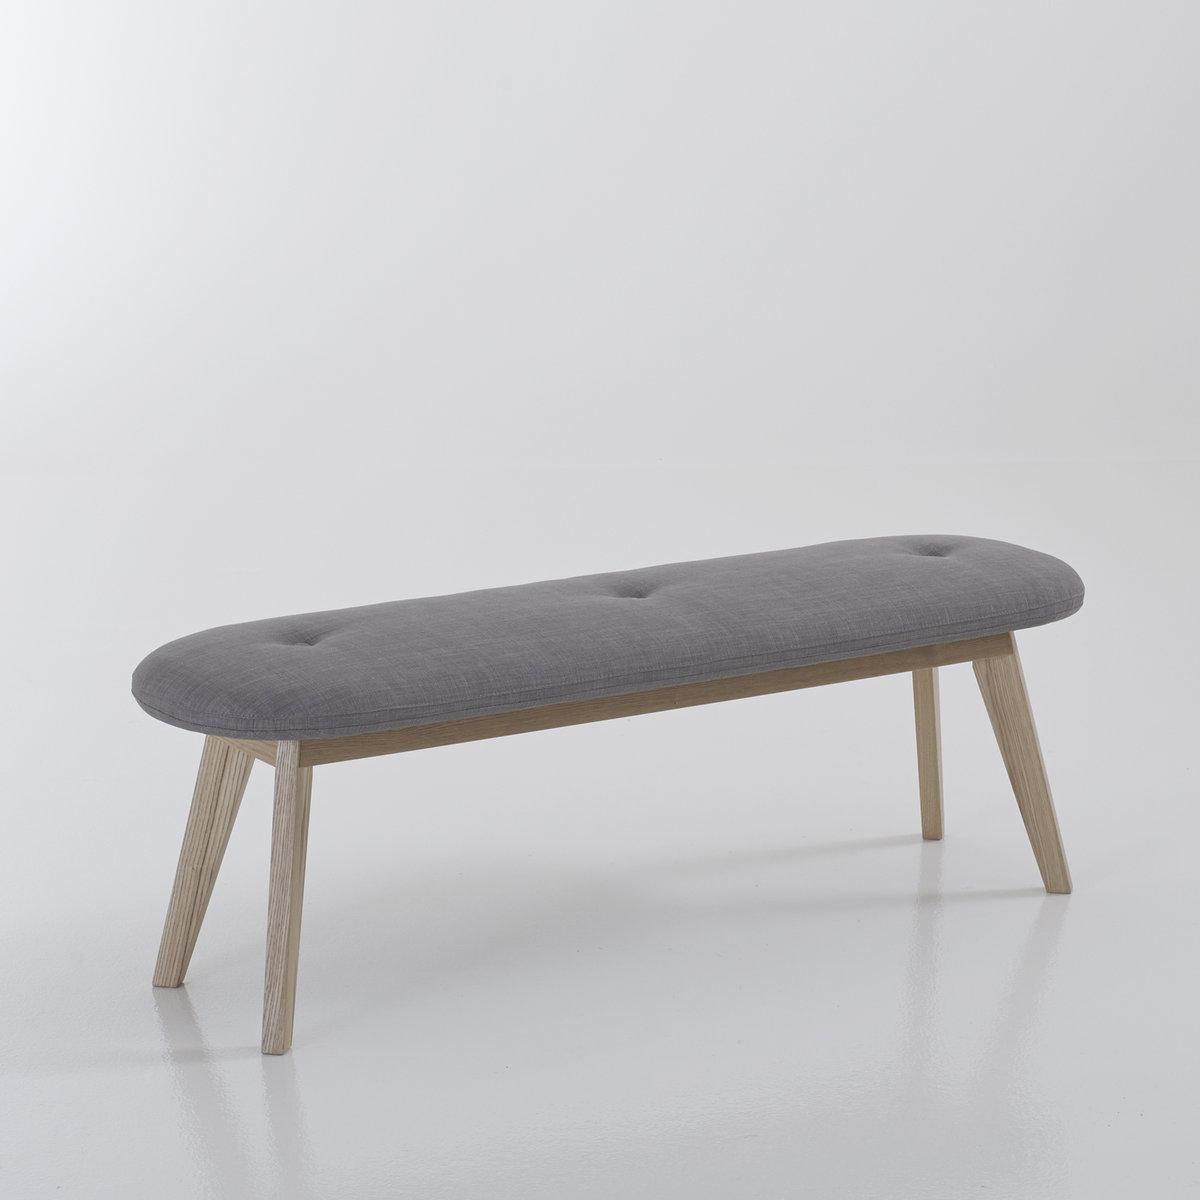 bout de lit design. Black Bedroom Furniture Sets. Home Design Ideas